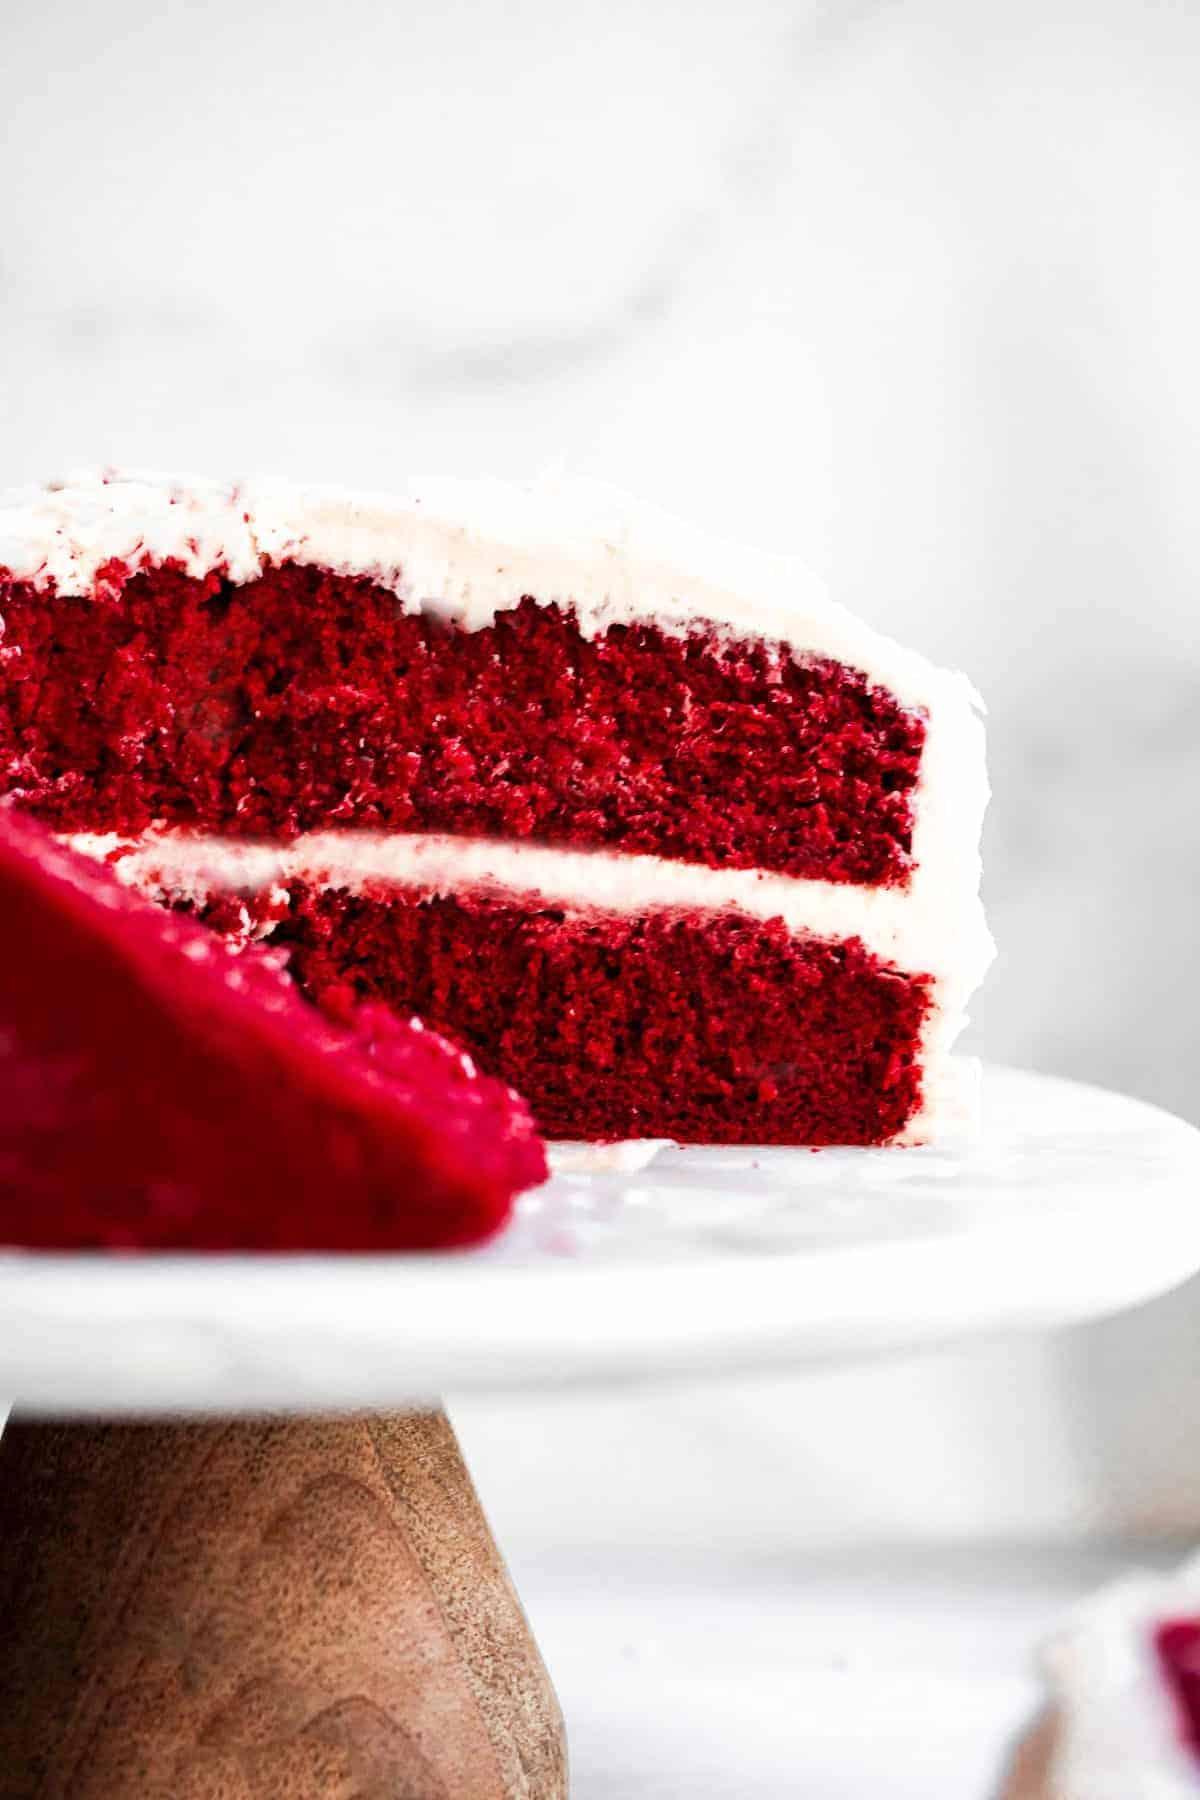 Red velvet cake sliced on a cake stand.